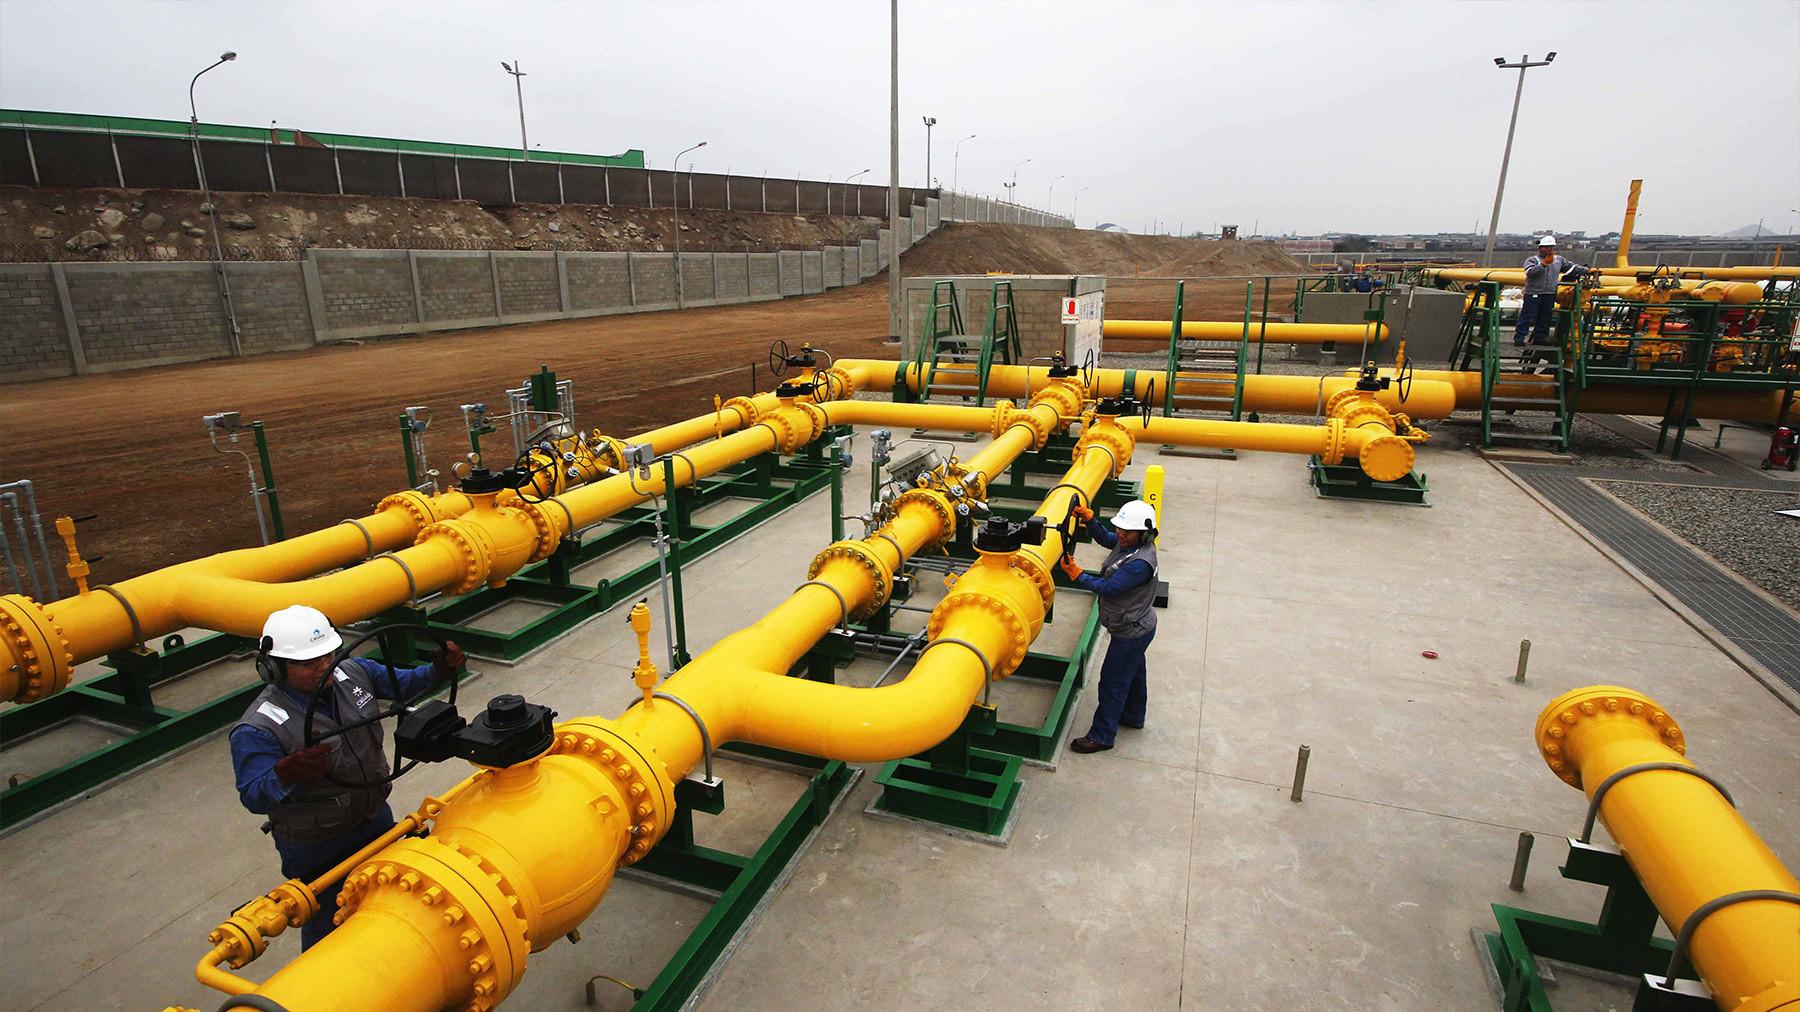 distribuidoras-de-gas-natural-enfrentan-menor-demanda-y-problemas-de-cobranza-por-el-covid-19